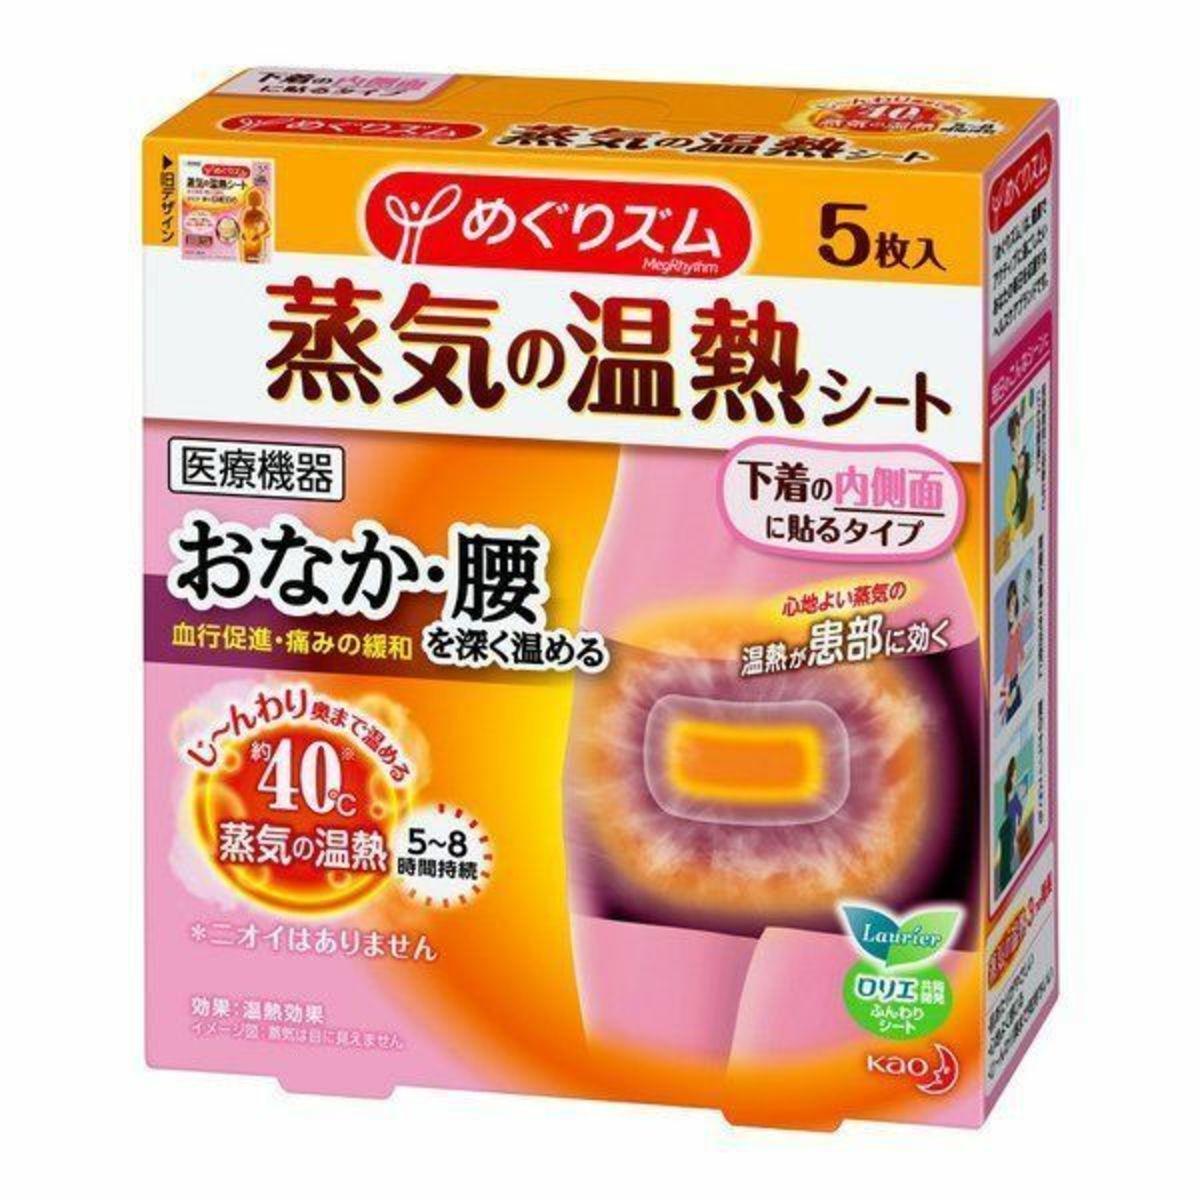 (1盒) KAO 花王 MegRhythm  腹部溫熱貼/經痛貼/暖宮貼(5枚)(平行進口)